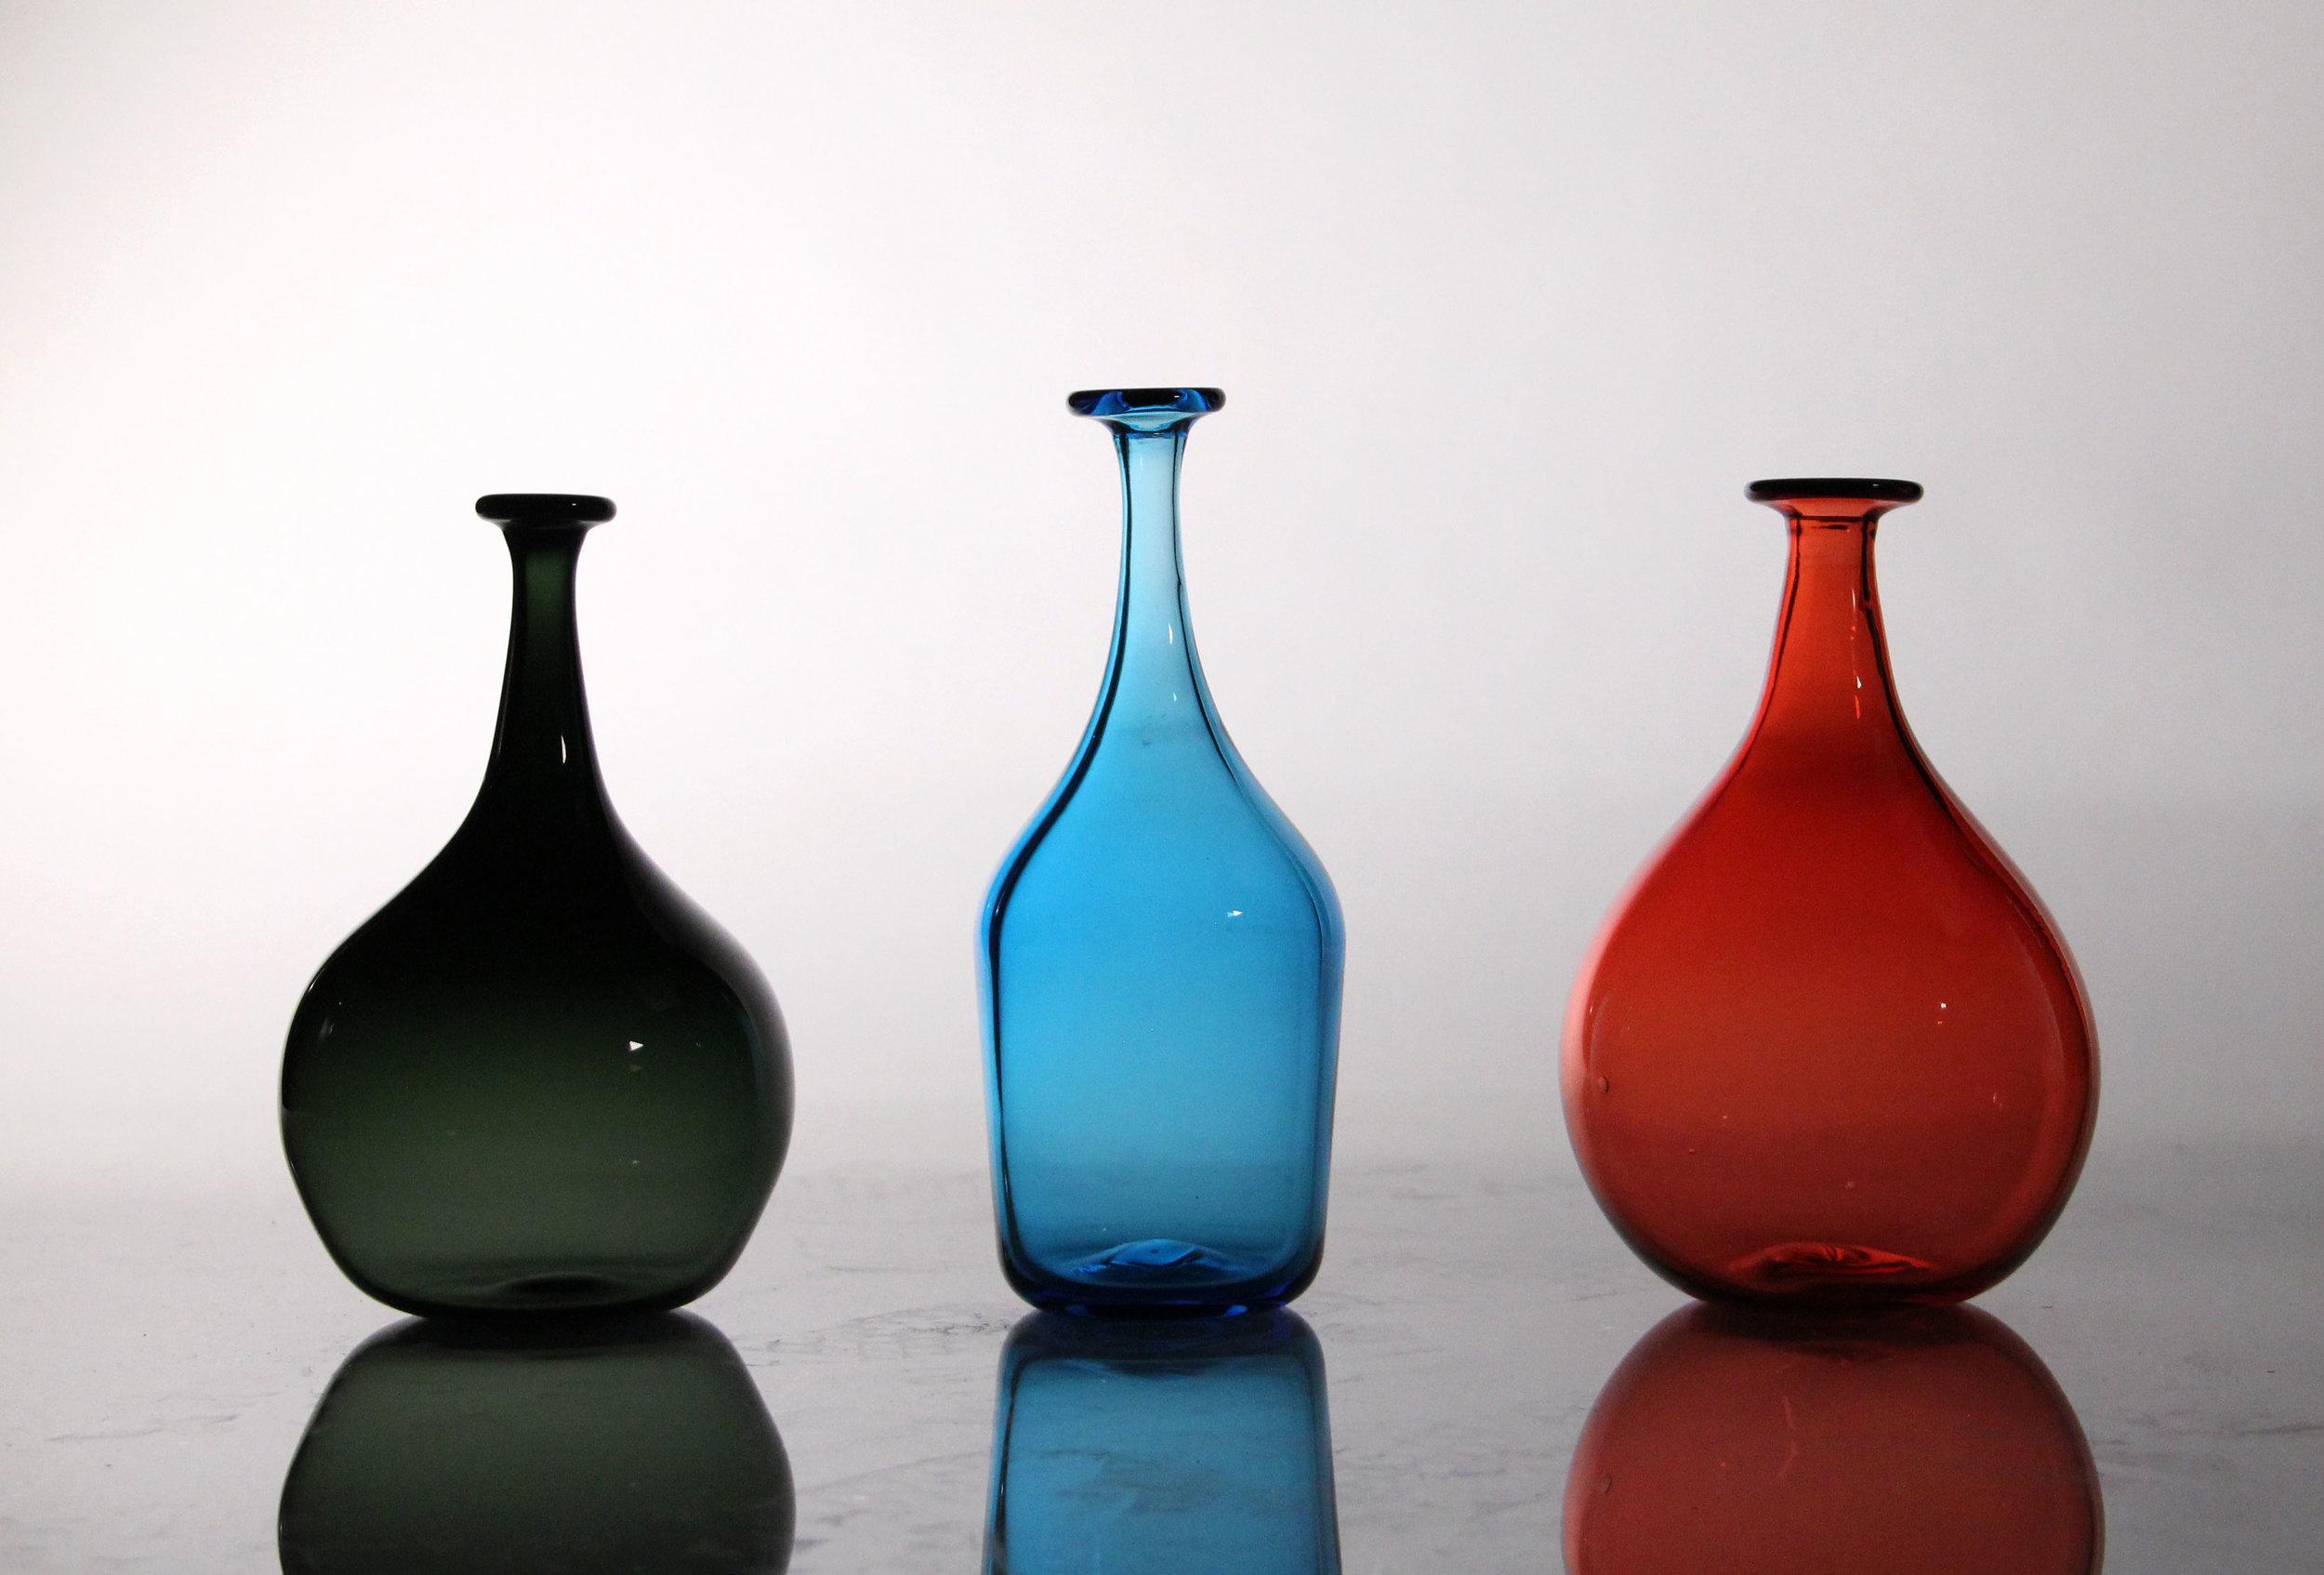 petite bottles1.jpg